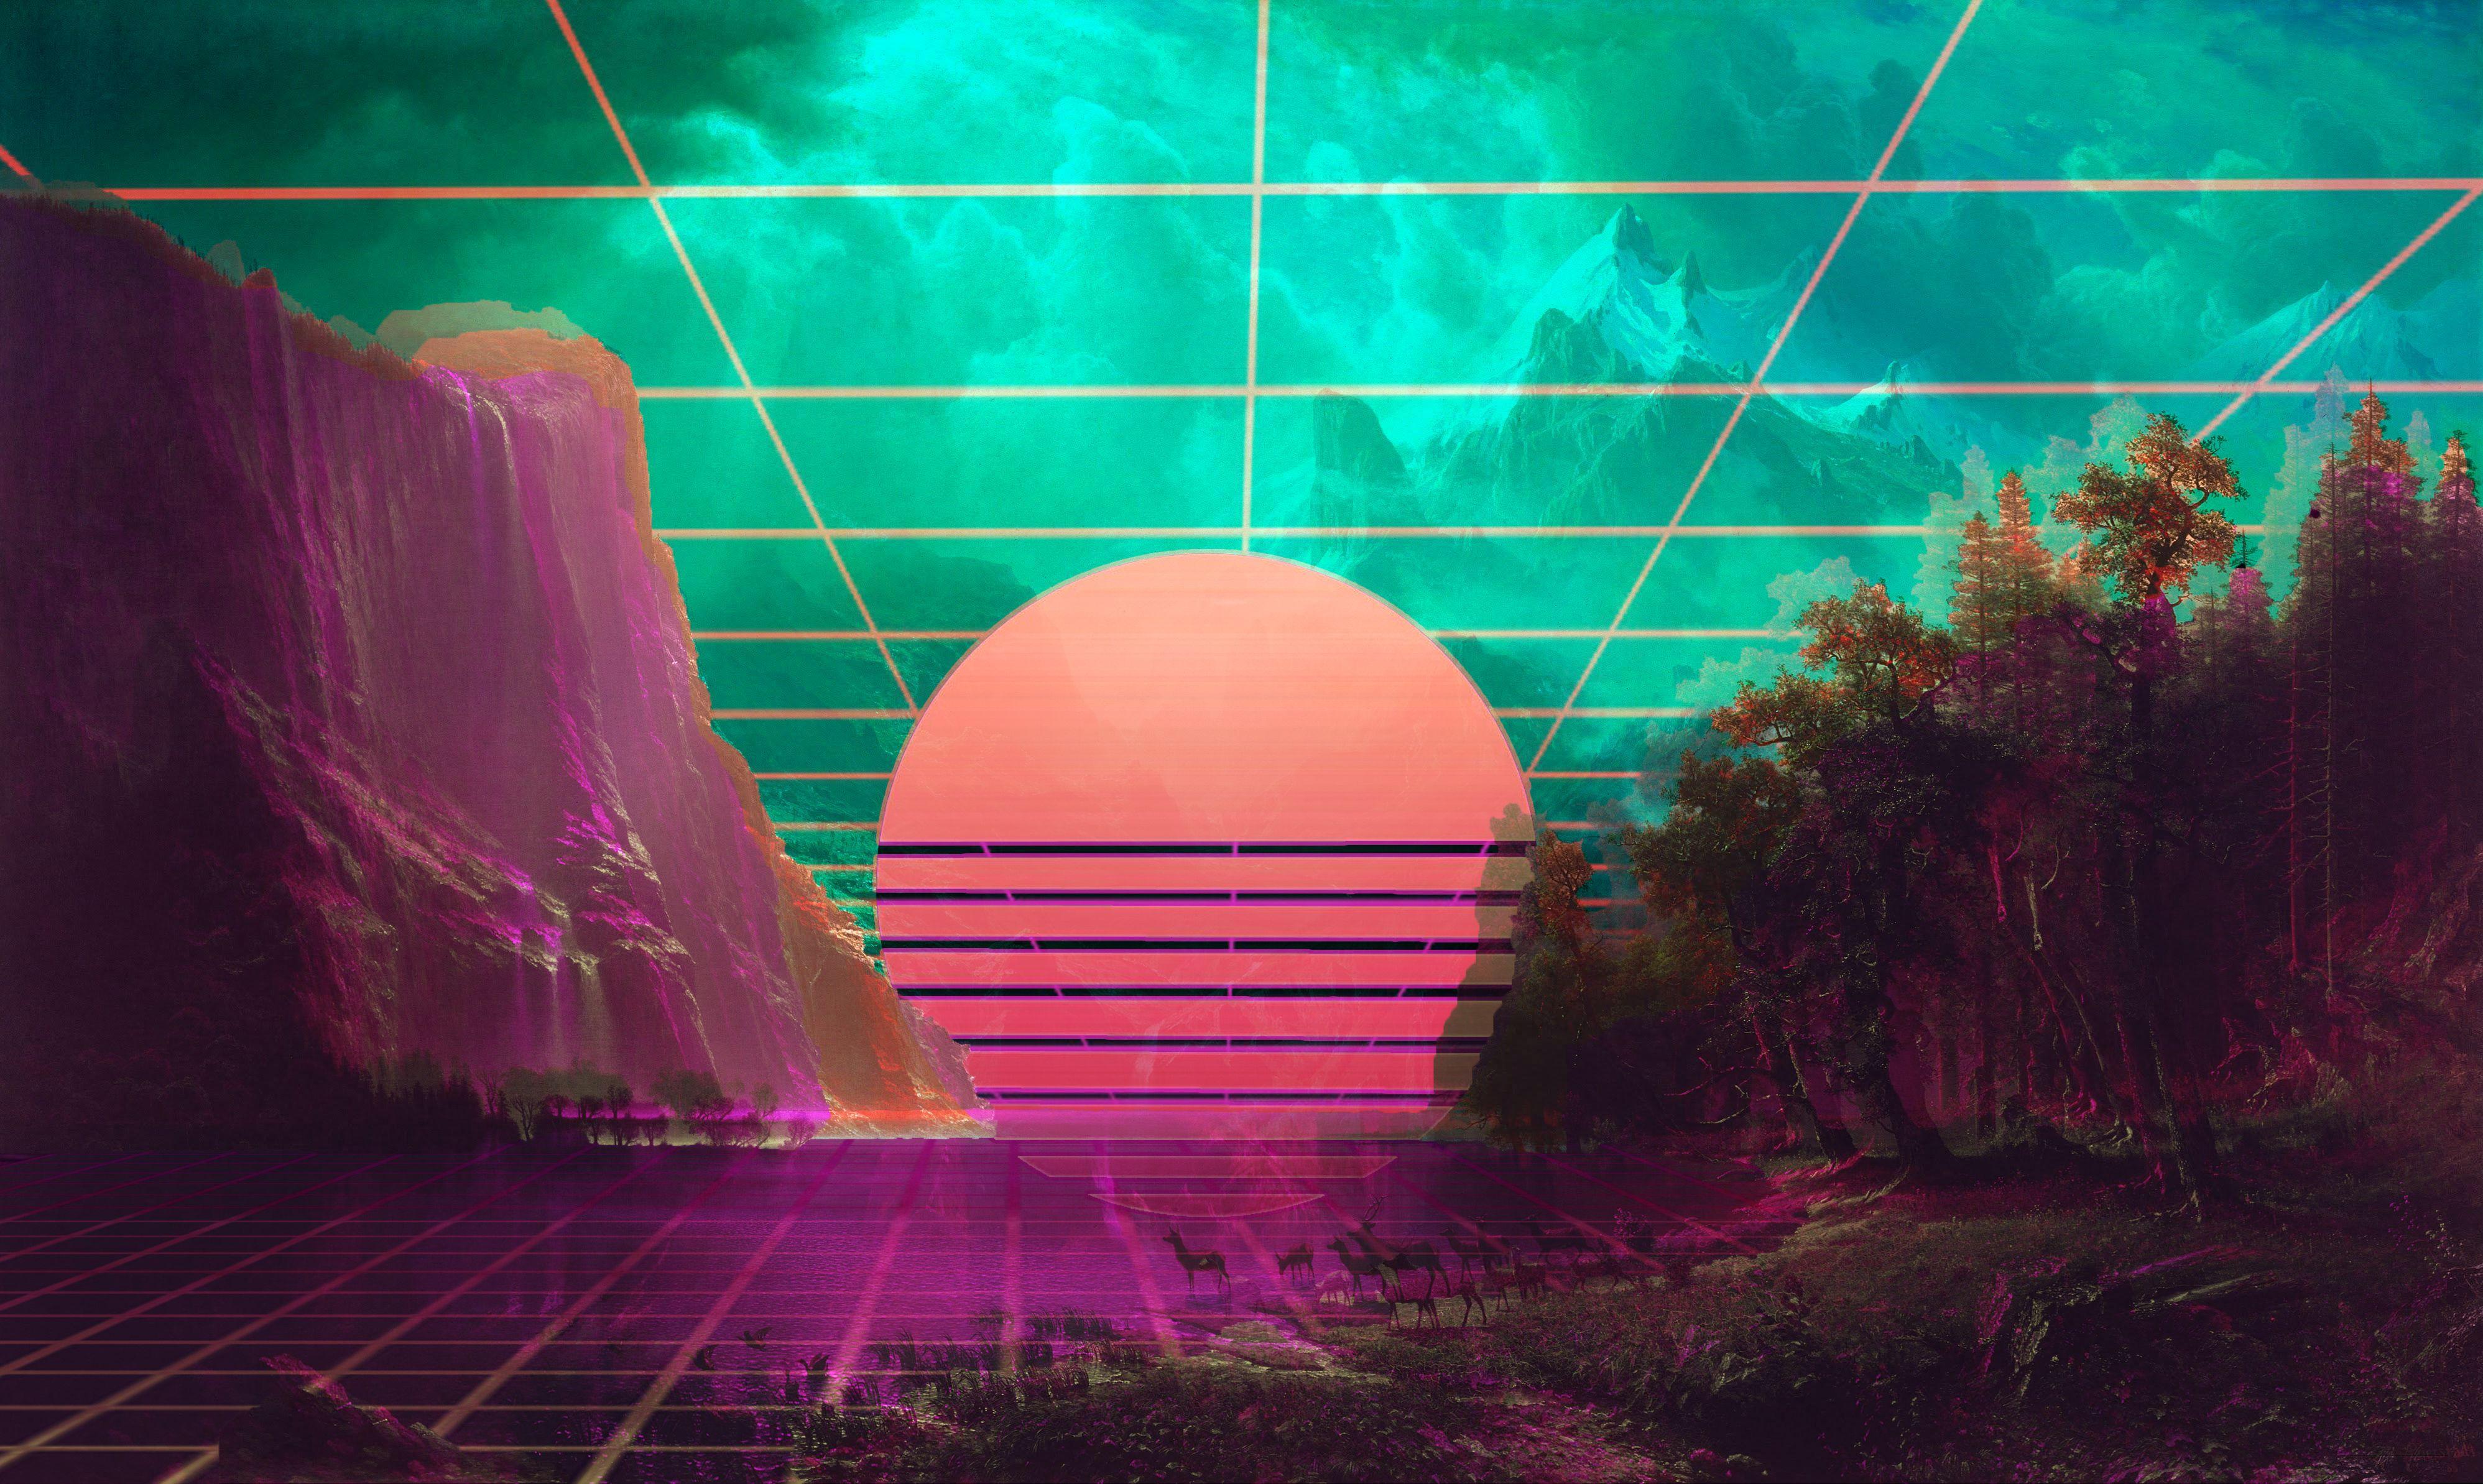 Vaporwave Desktop Wallpapers - Top Free Vaporwave Desktop Backgrounds - WallpaperAccess